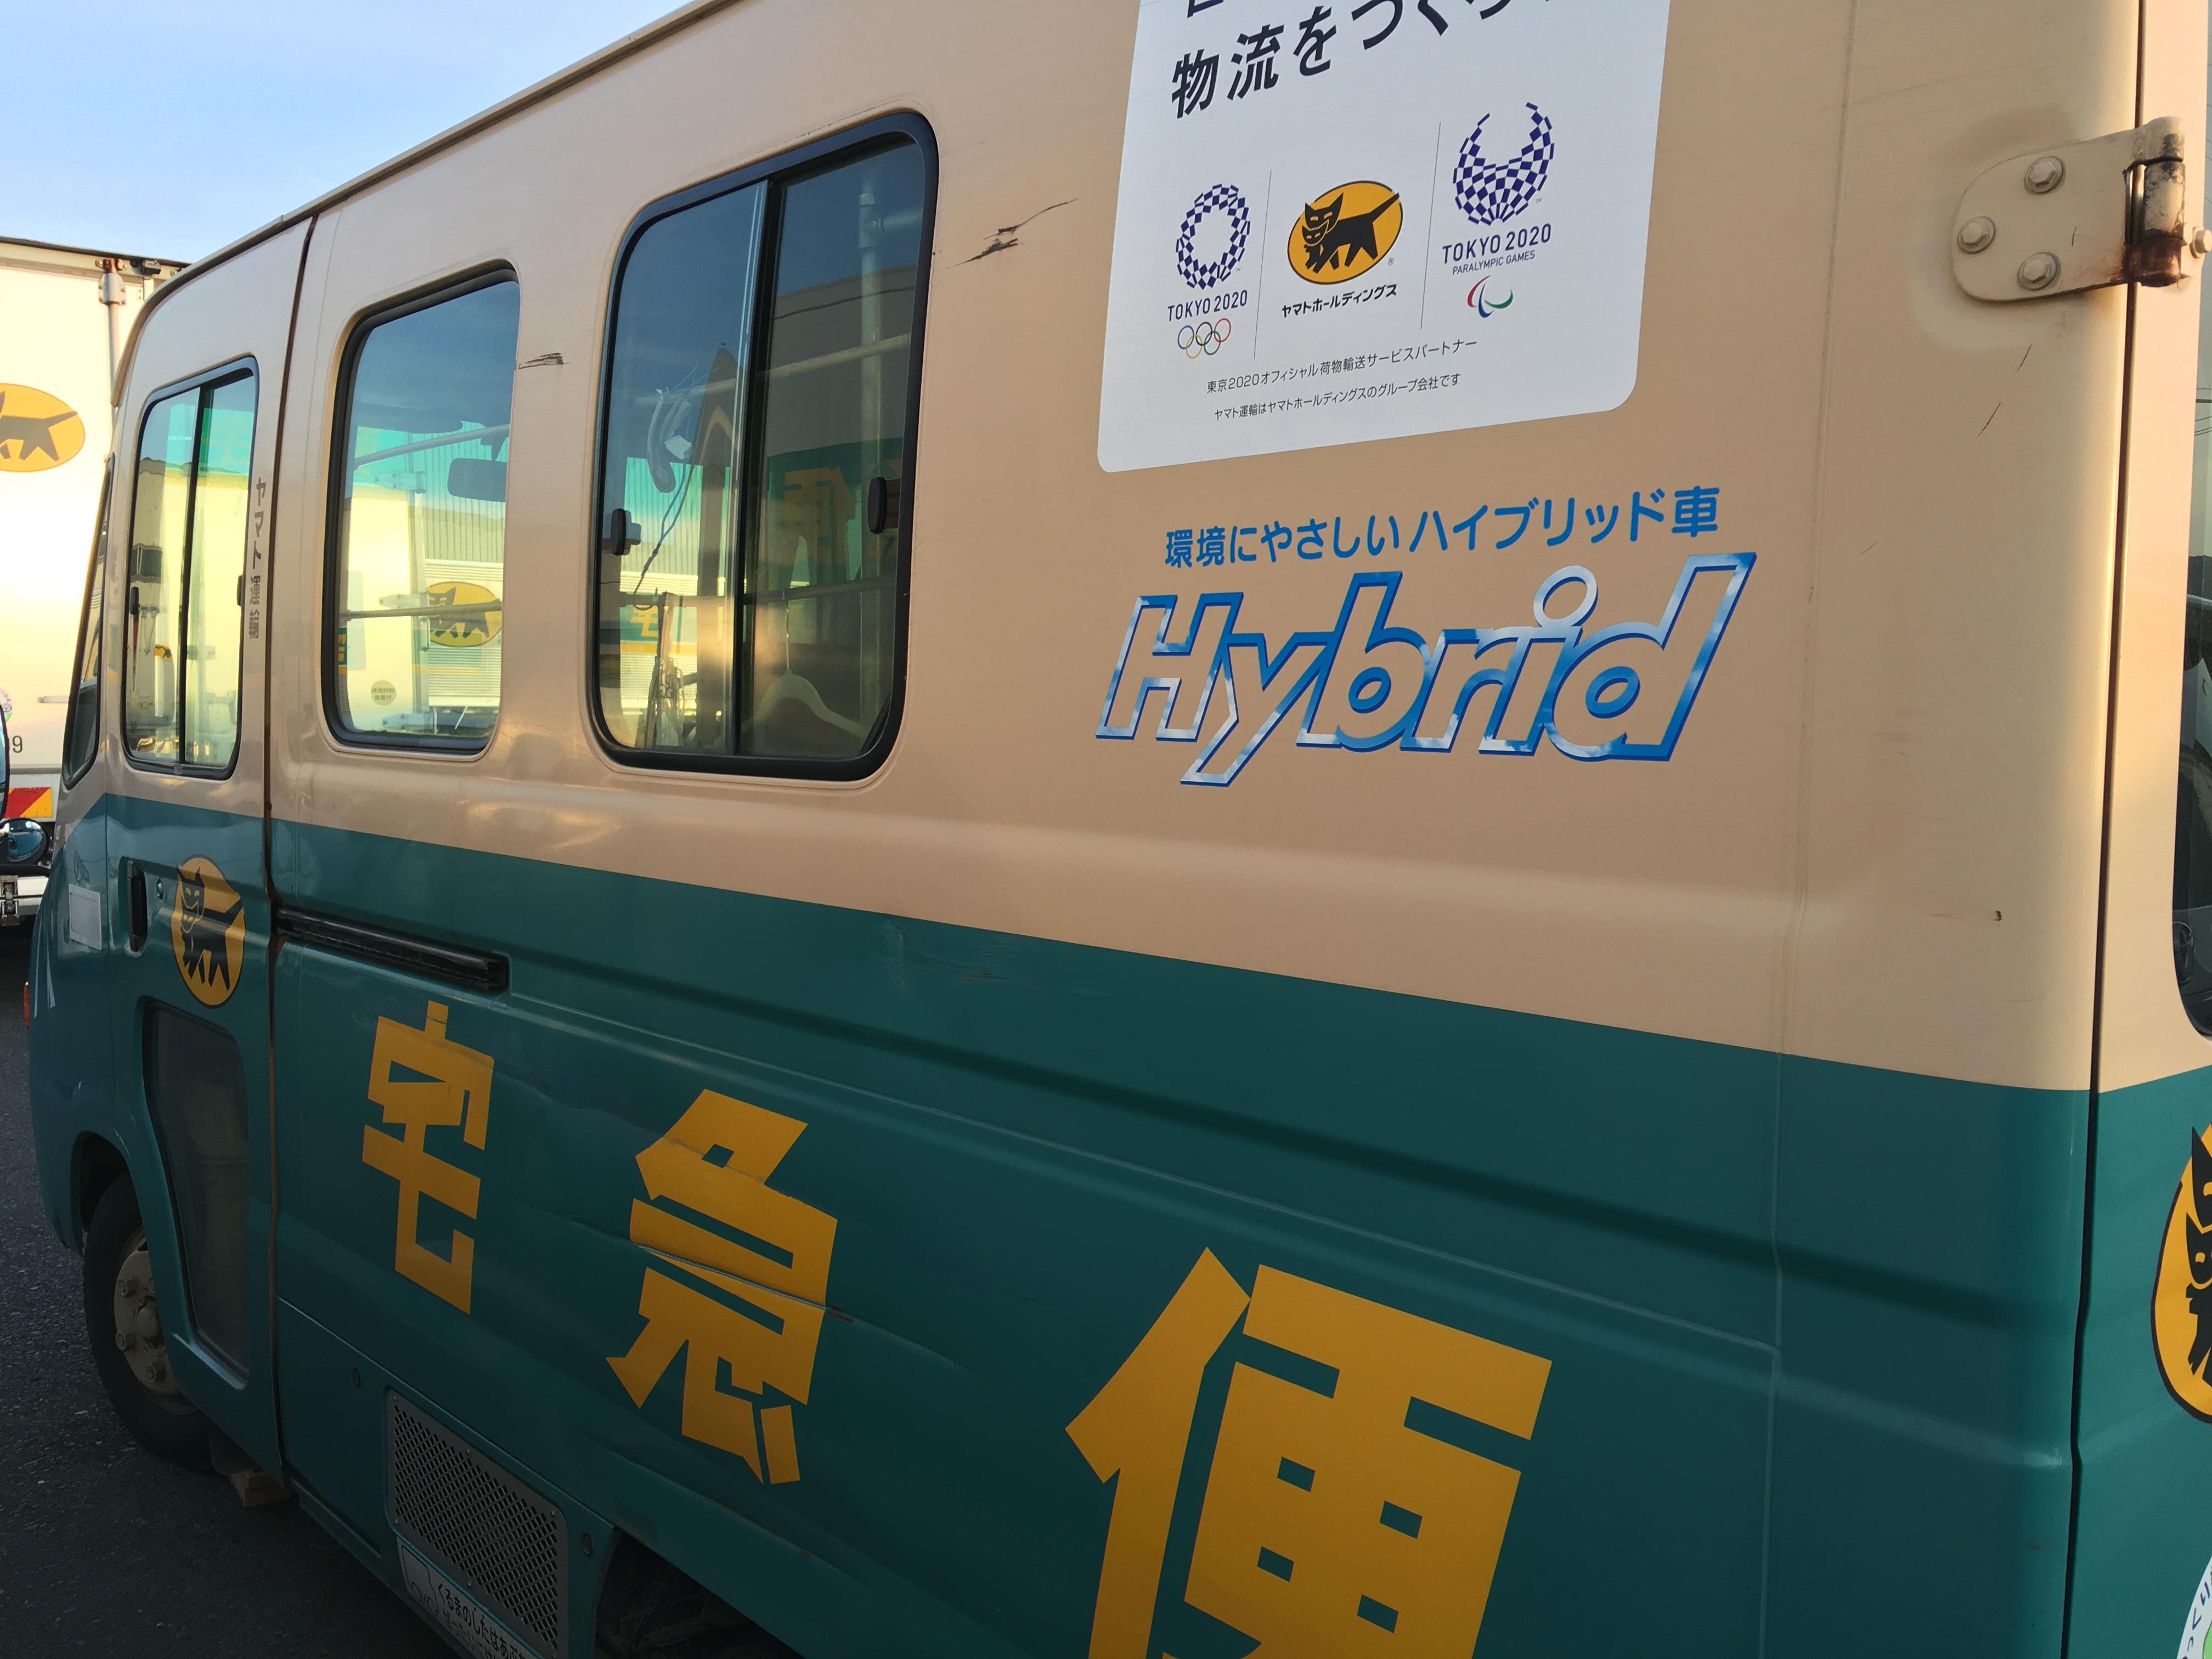 ヤマト運輸株式会社 北九州主管支店の画像1